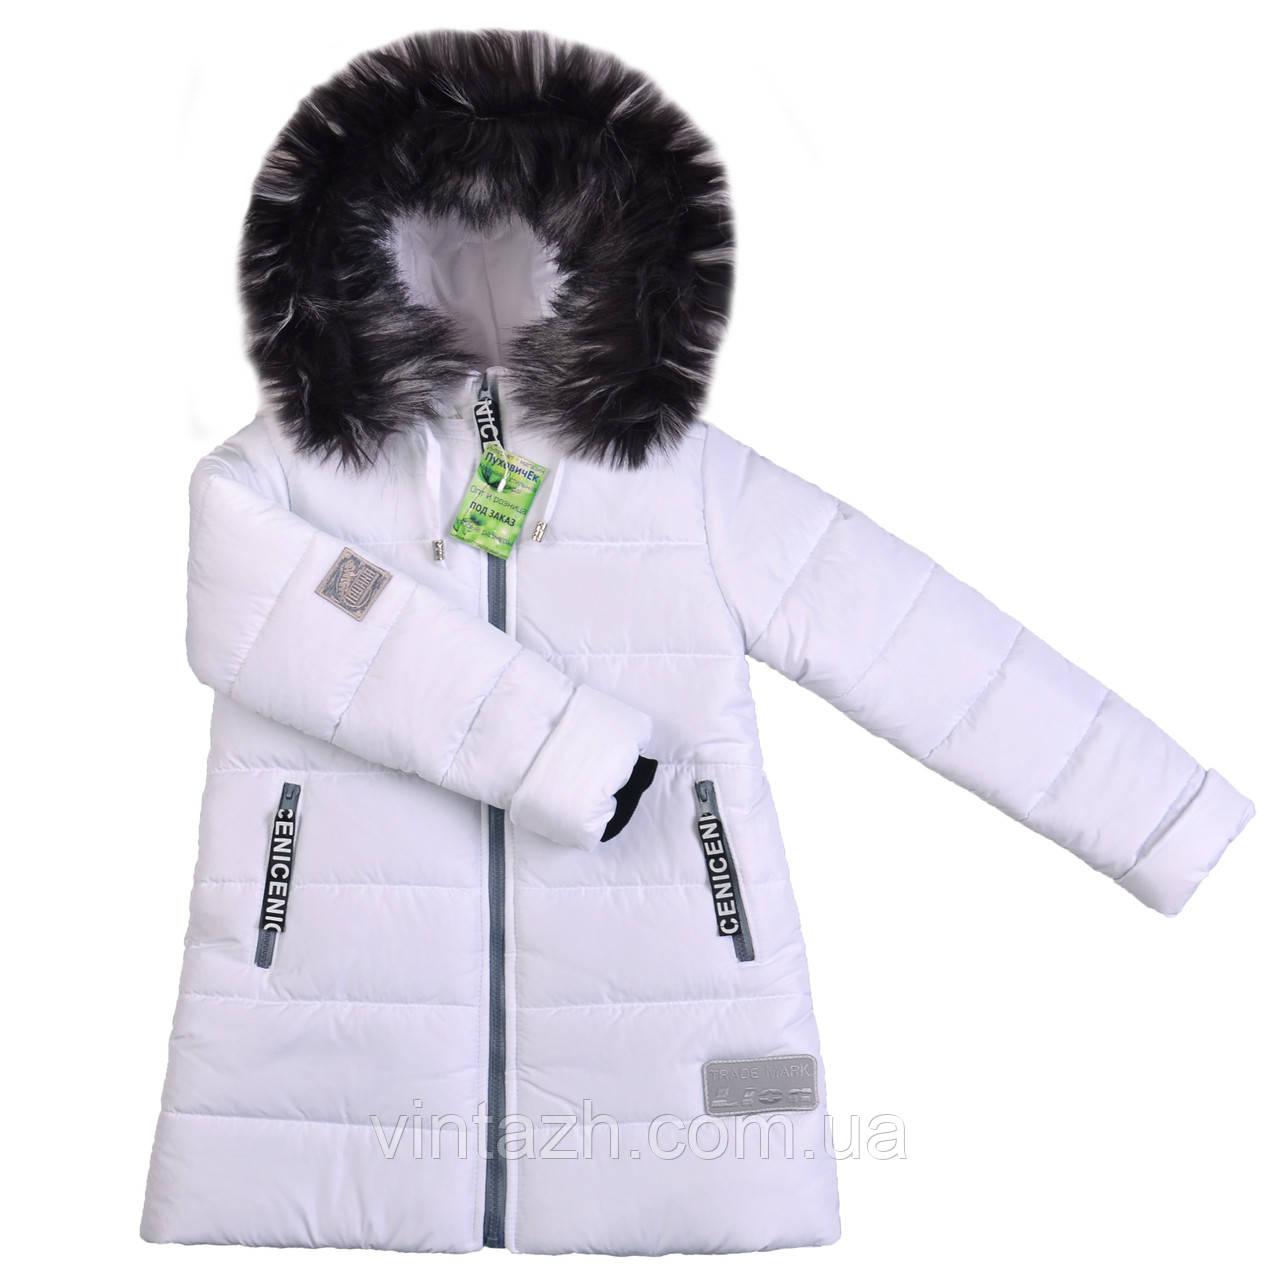 Модную теплую зимнюю куртку для девочки от производителя недорого в Украине